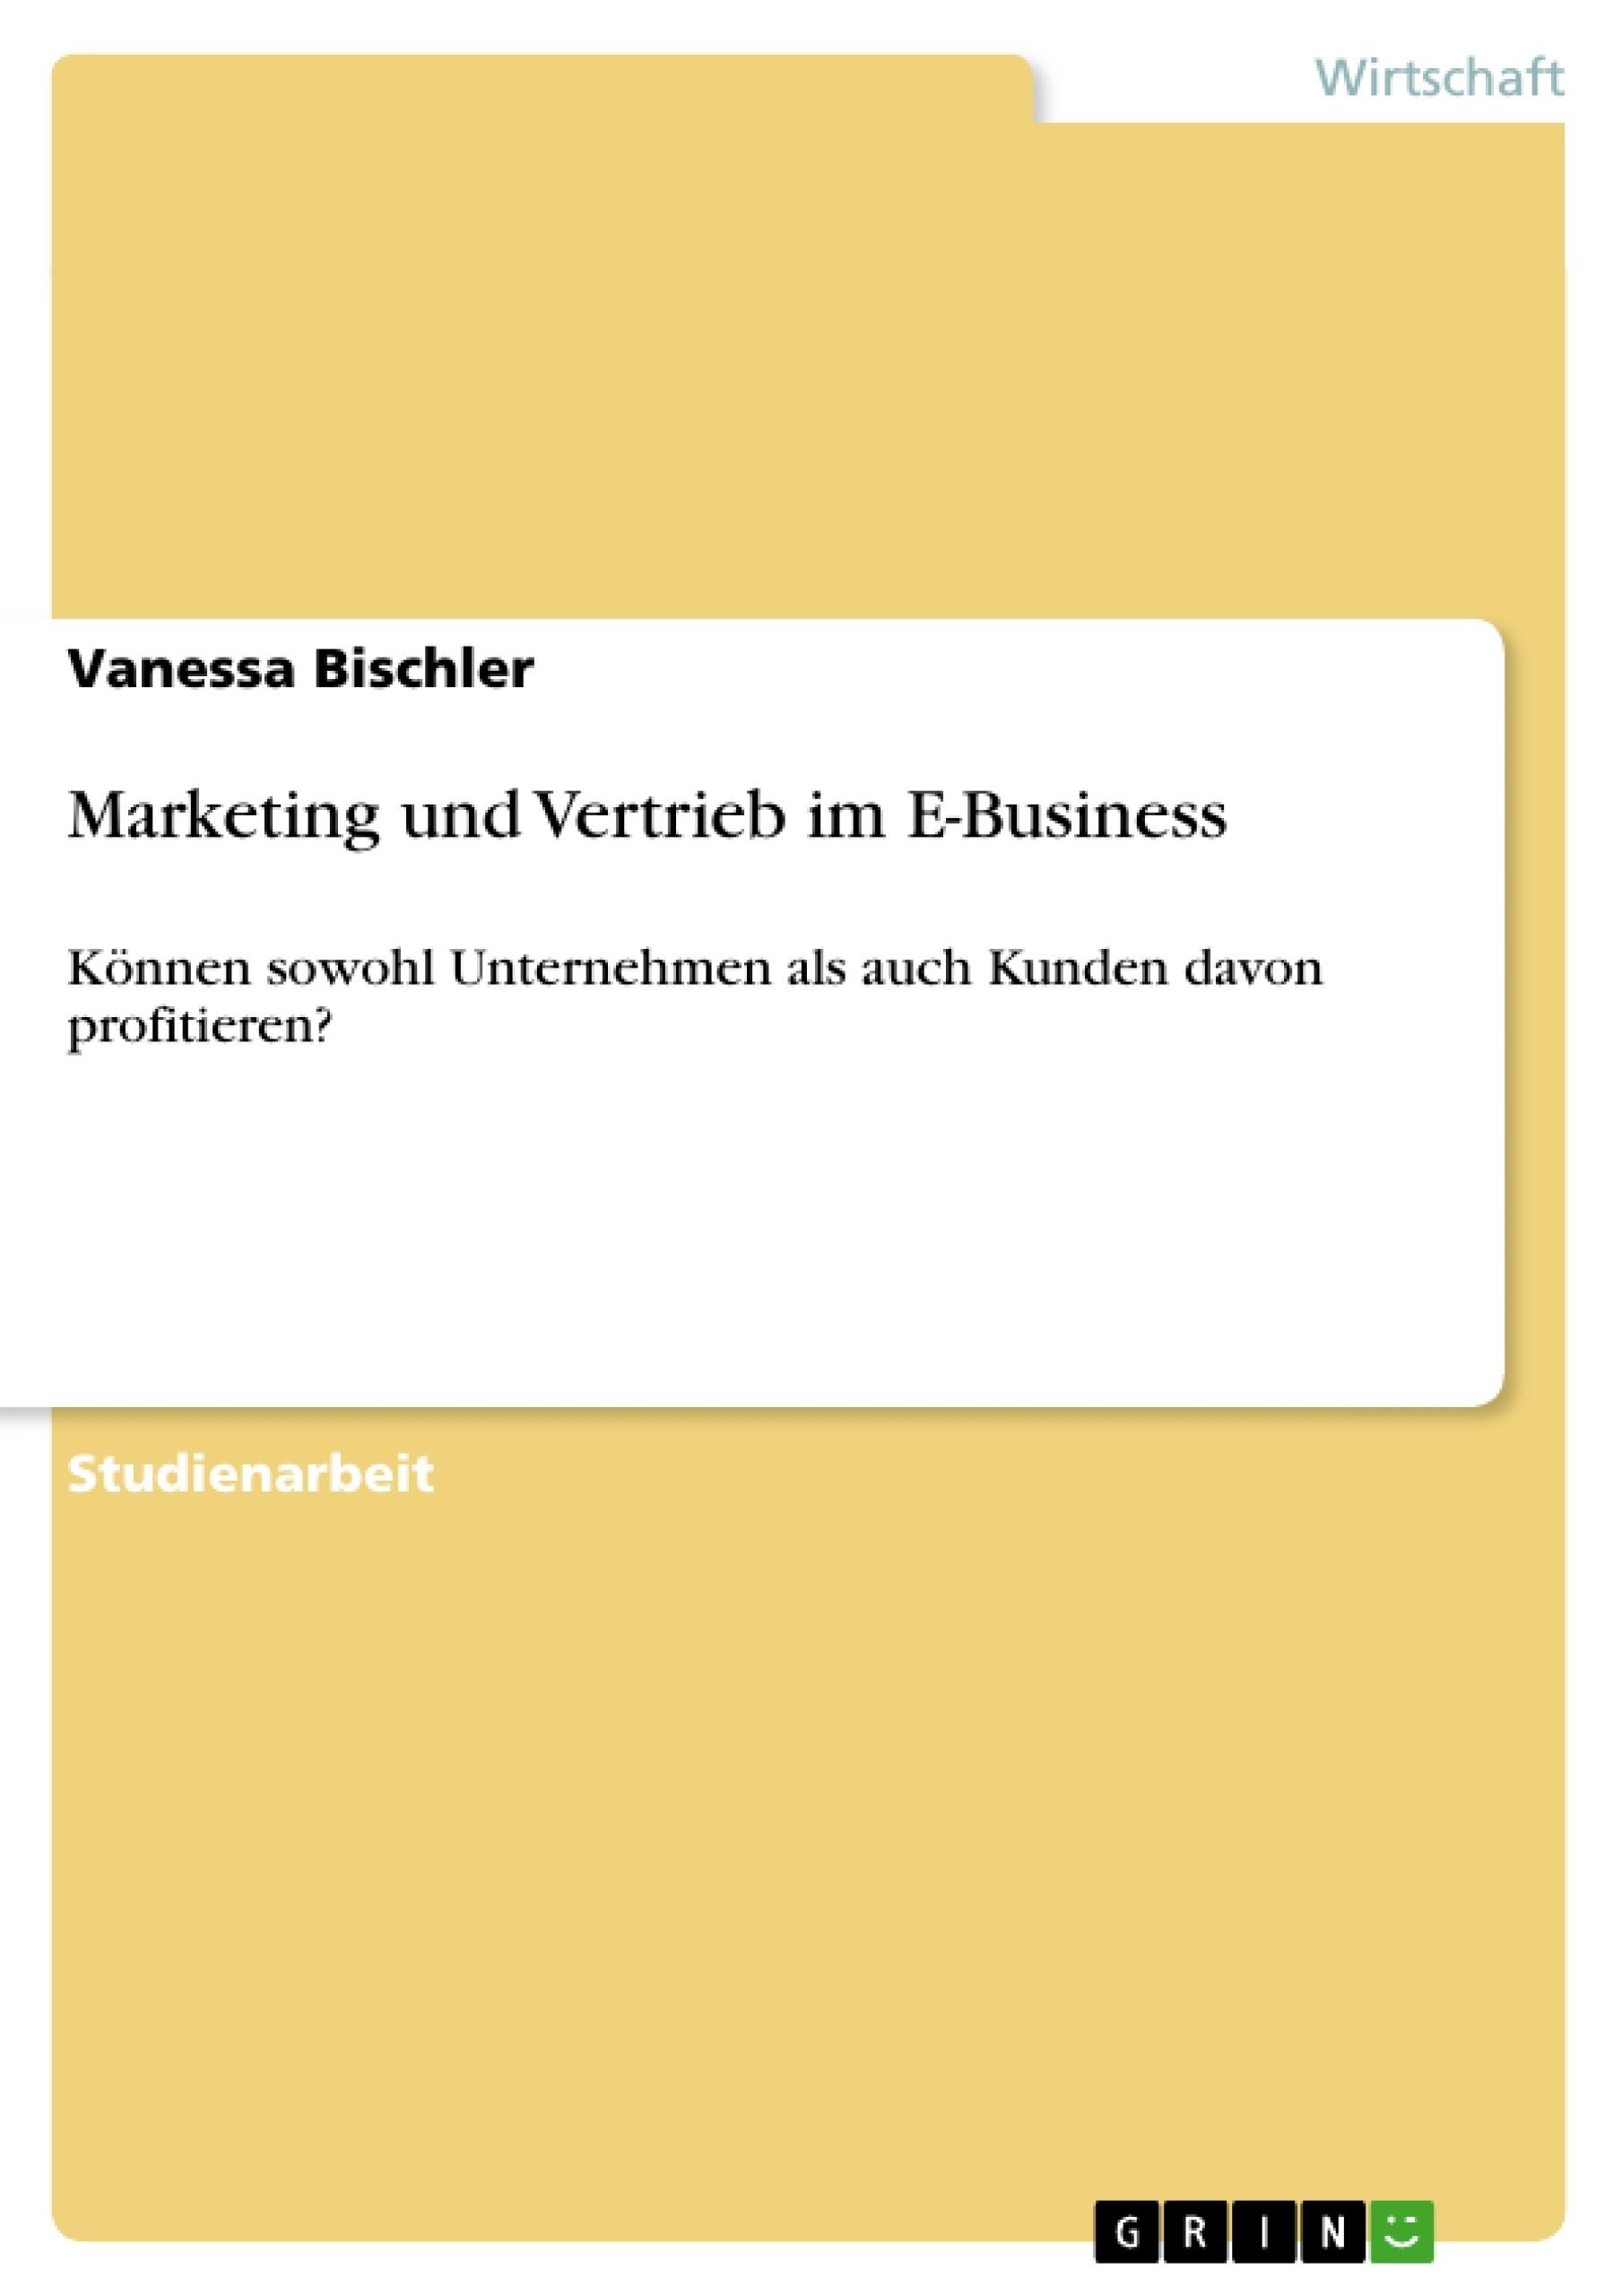 Titel: Marketing und Vertrieb im E-Business